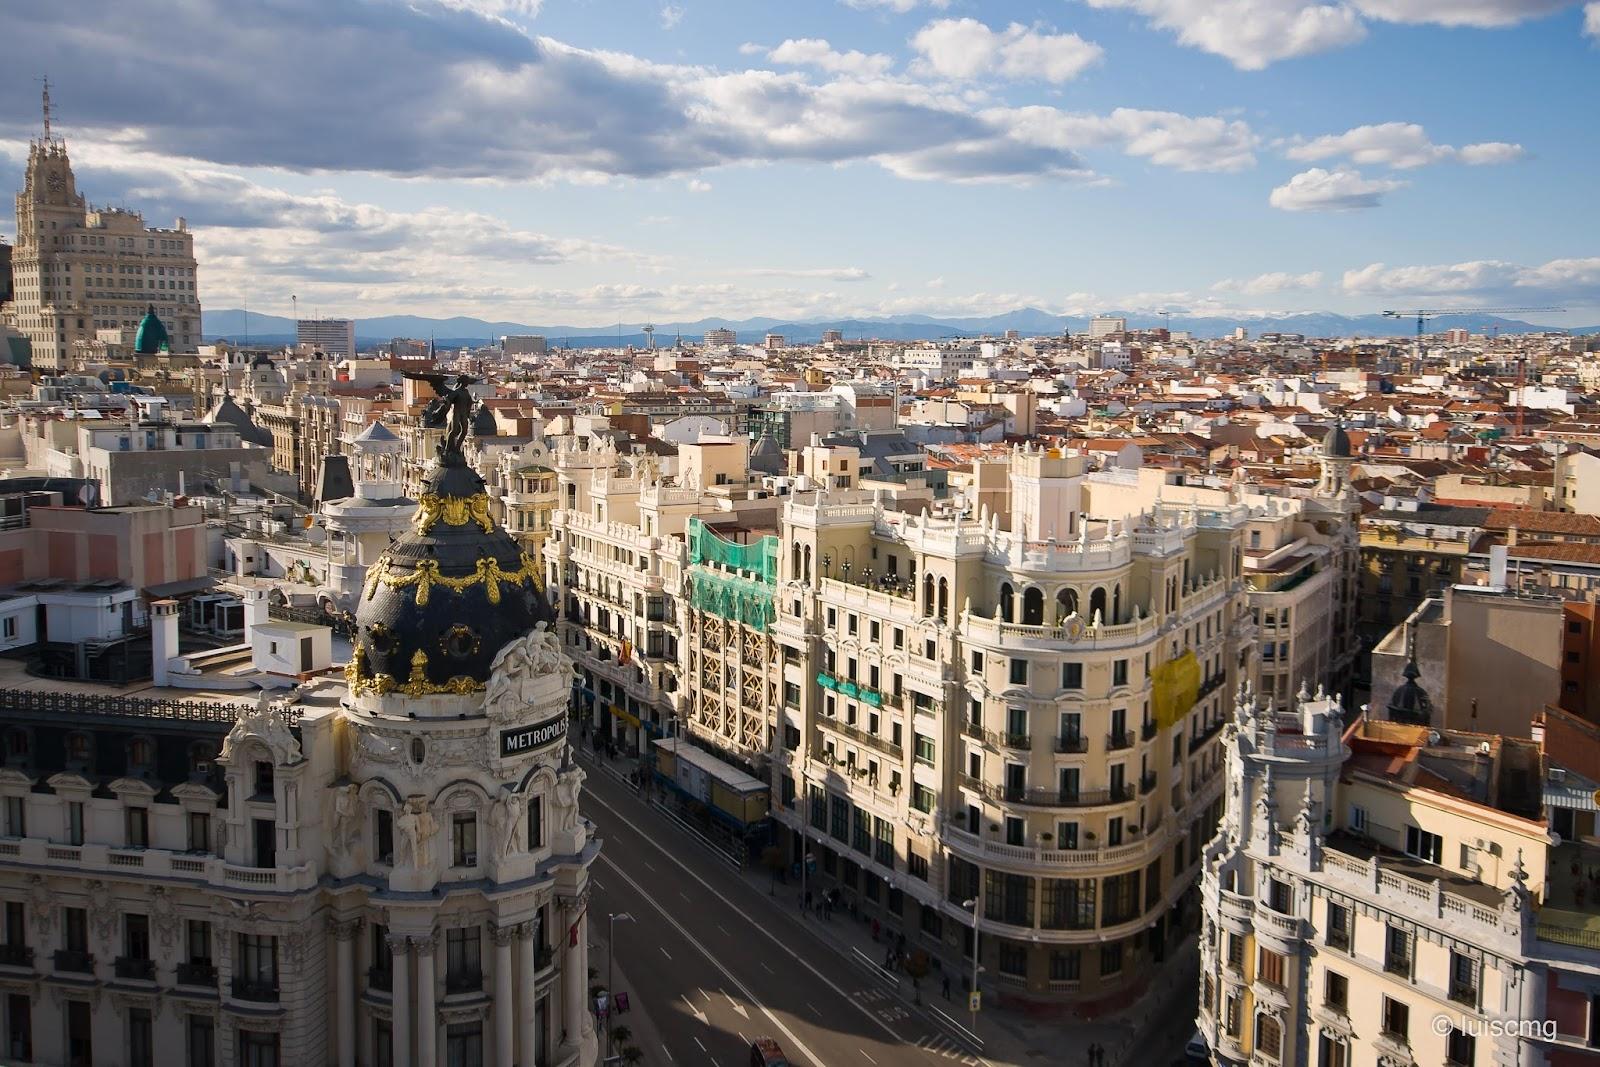 Vista de las azoteas de Madrid